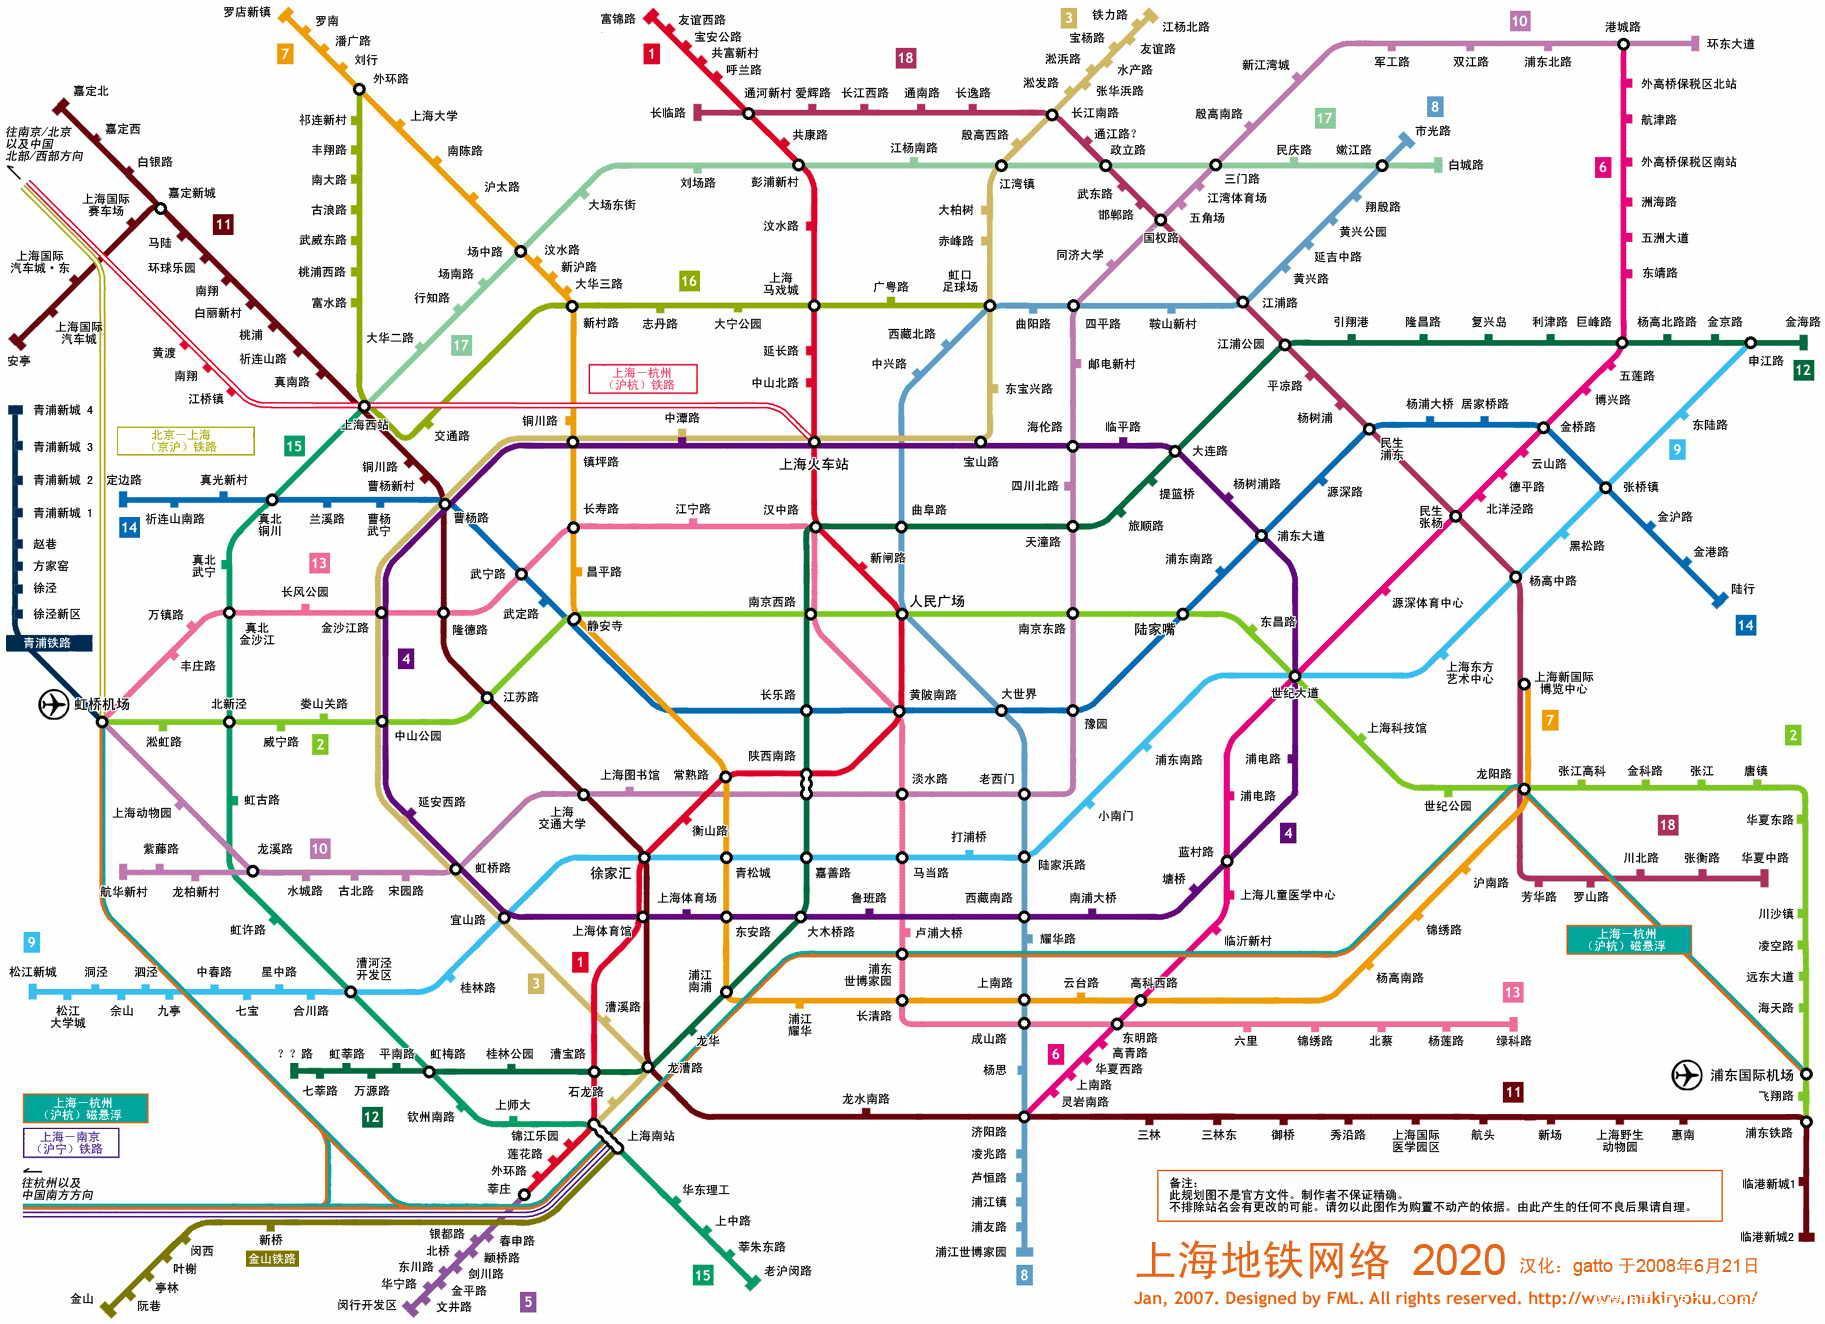 沪地铁新规划出炉 谁最受益